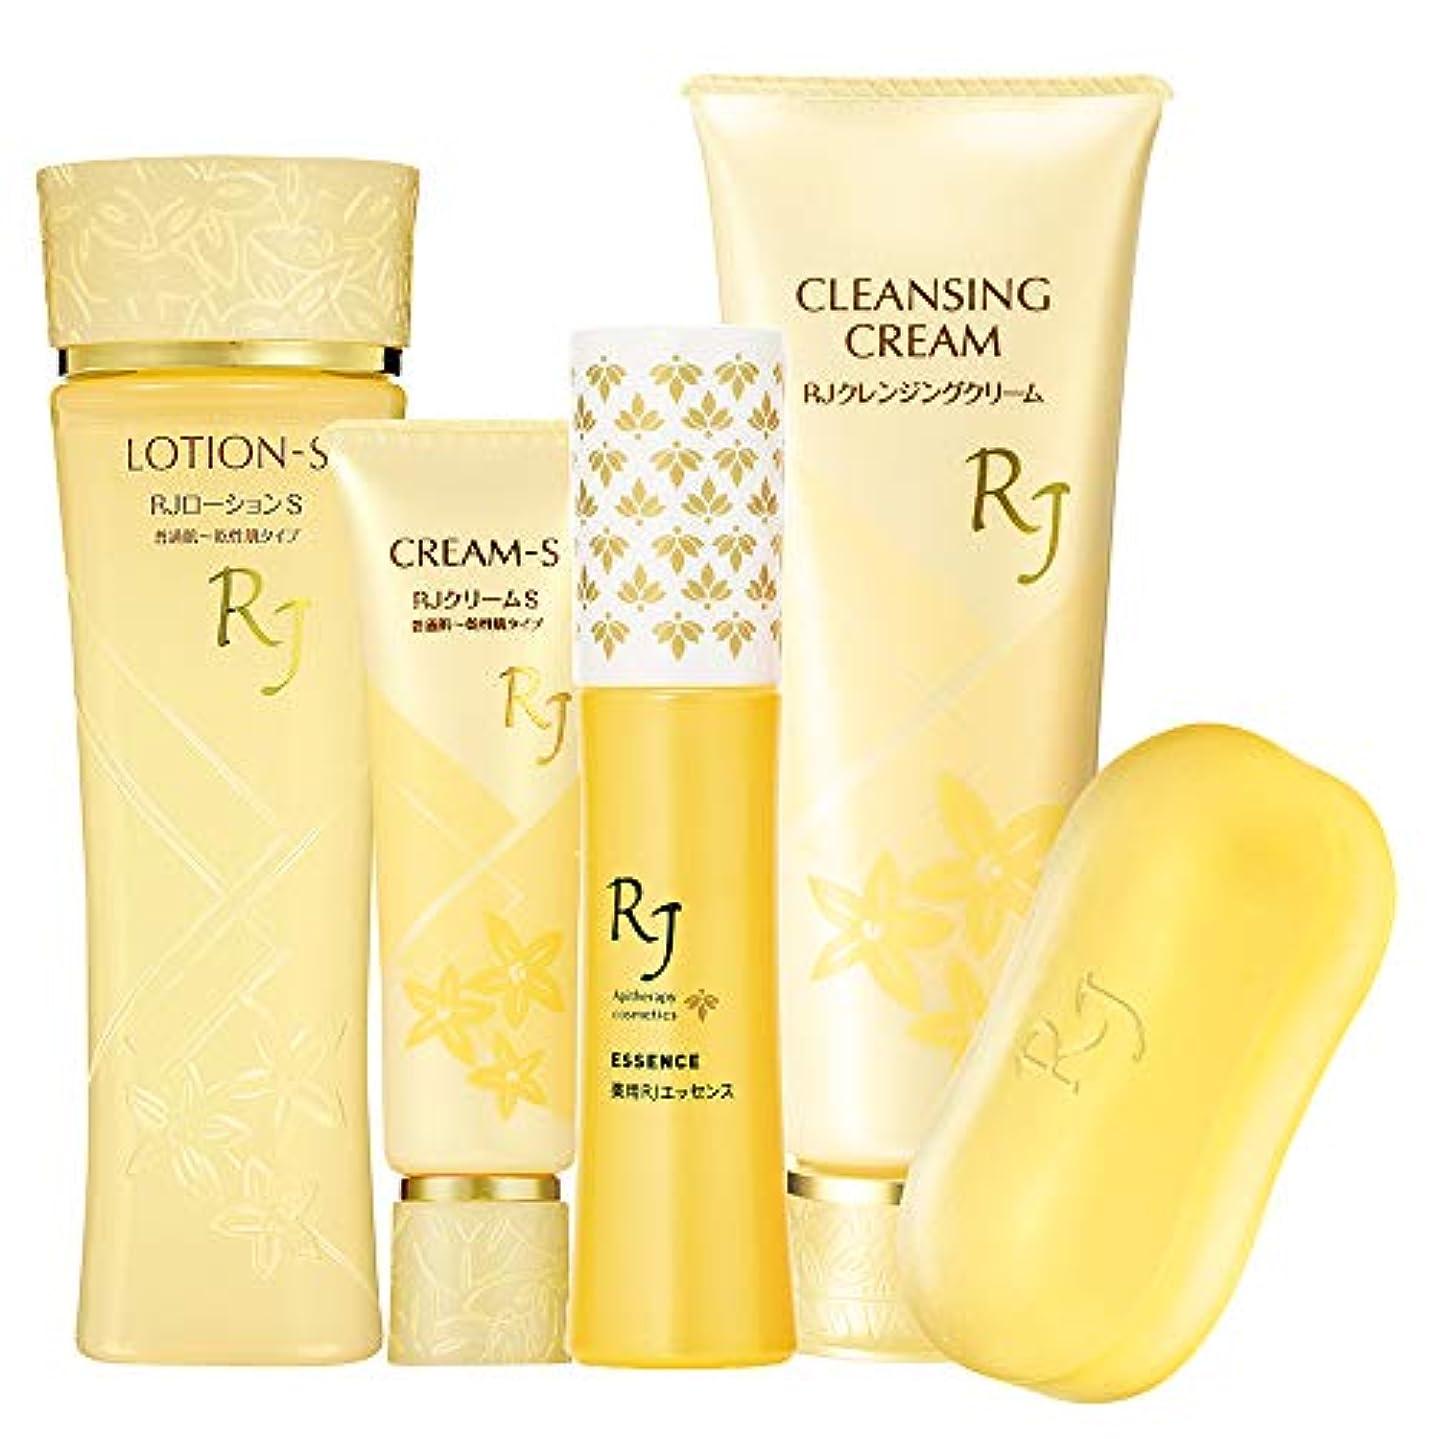 石油いろいろナイトスポットRJスキンケア5点Sセット(RJスキンケアソープセット) 普通肌~乾性肌(乾燥肌)タイプ